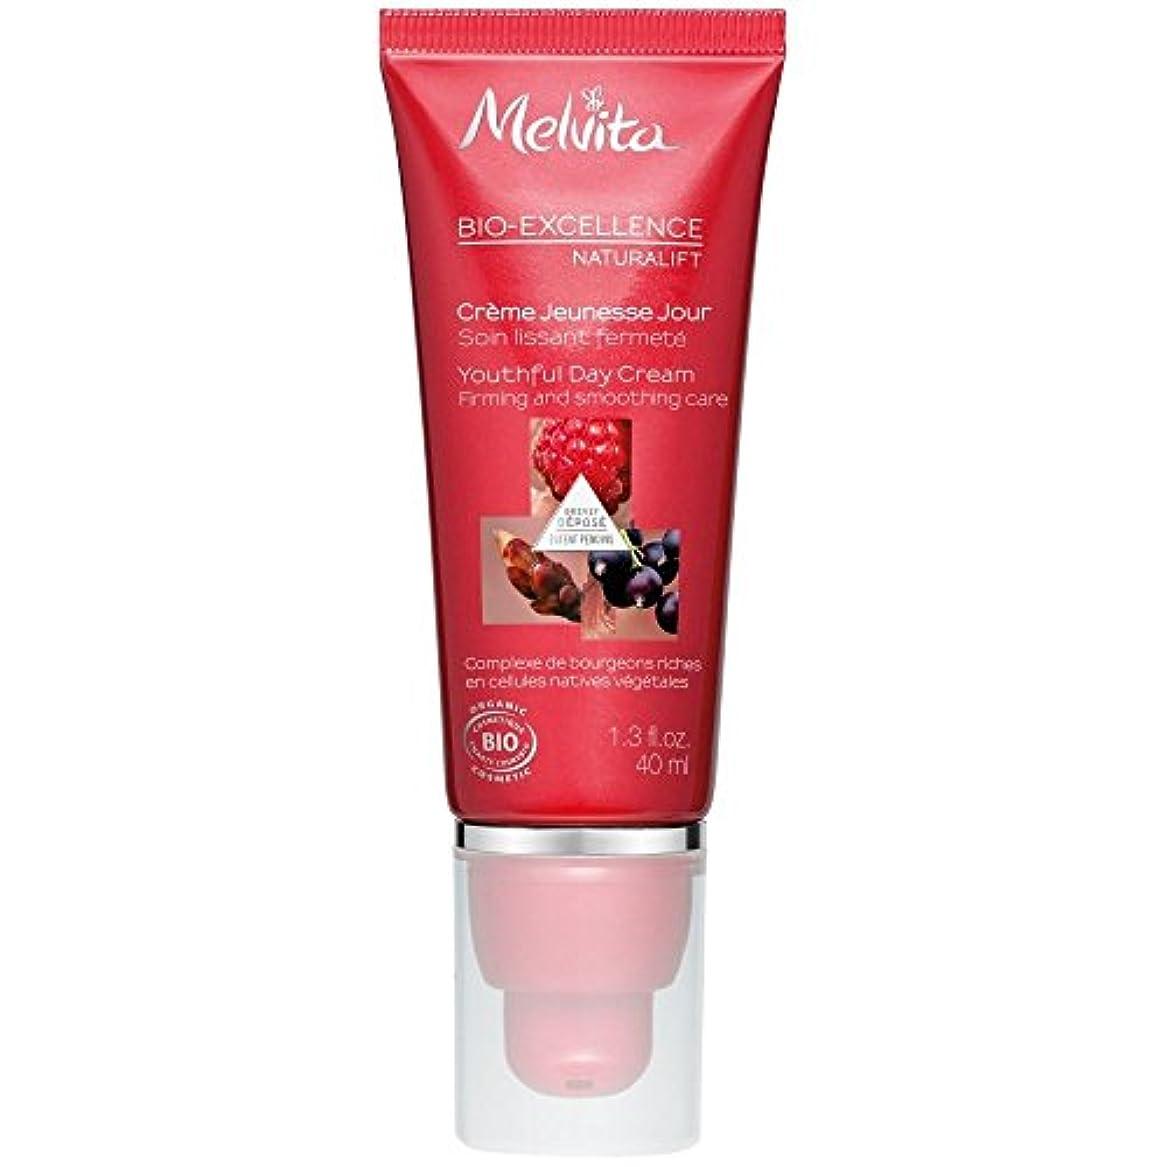 けがをする作業絶滅[Melvita] メルヴィータバイオ優秀若々しいデイクリーム、40ミリリットル - Melvita Bio-Excellence Youthful Day Cream, 40ml [並行輸入品]